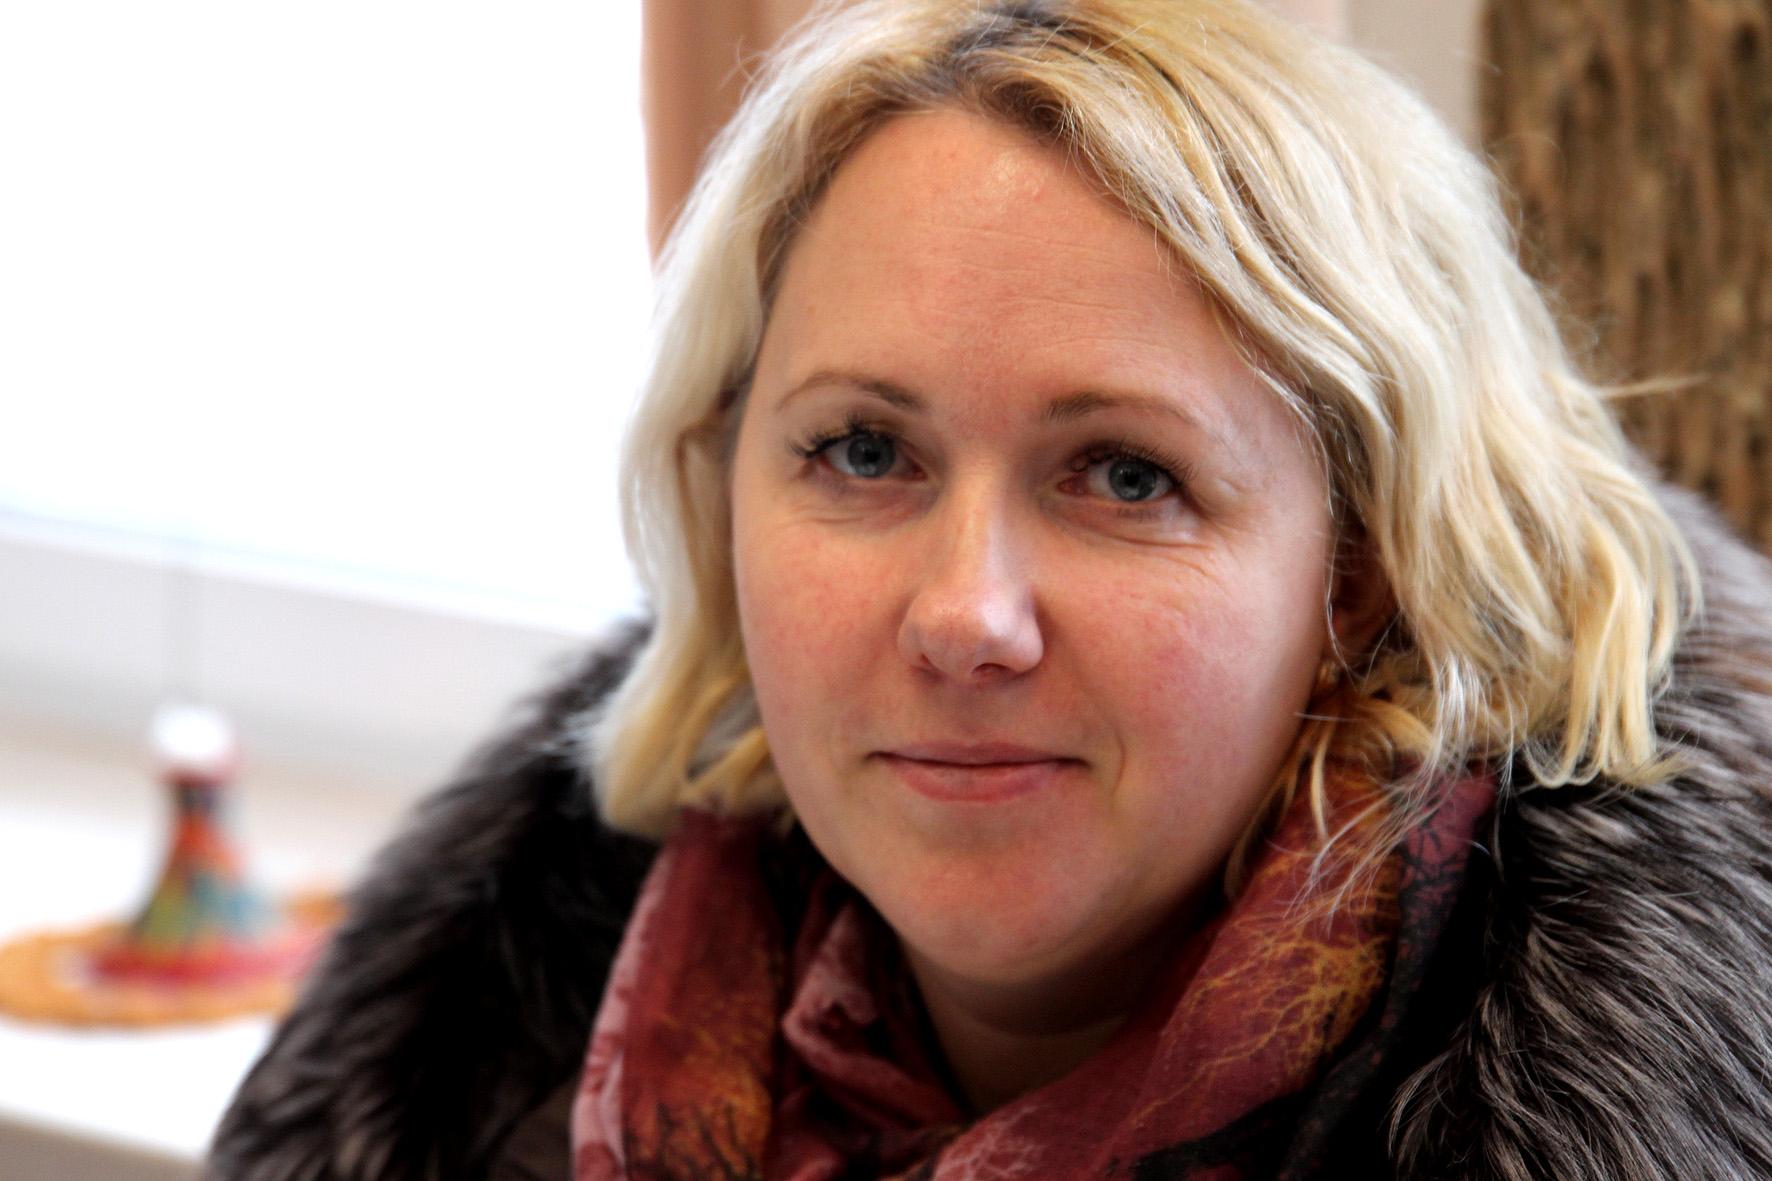 Rita Tamošaitienė, Krakių kultūros centro Meironiškių skyriaus vadovė. A. Barzdžiaus nuotr.